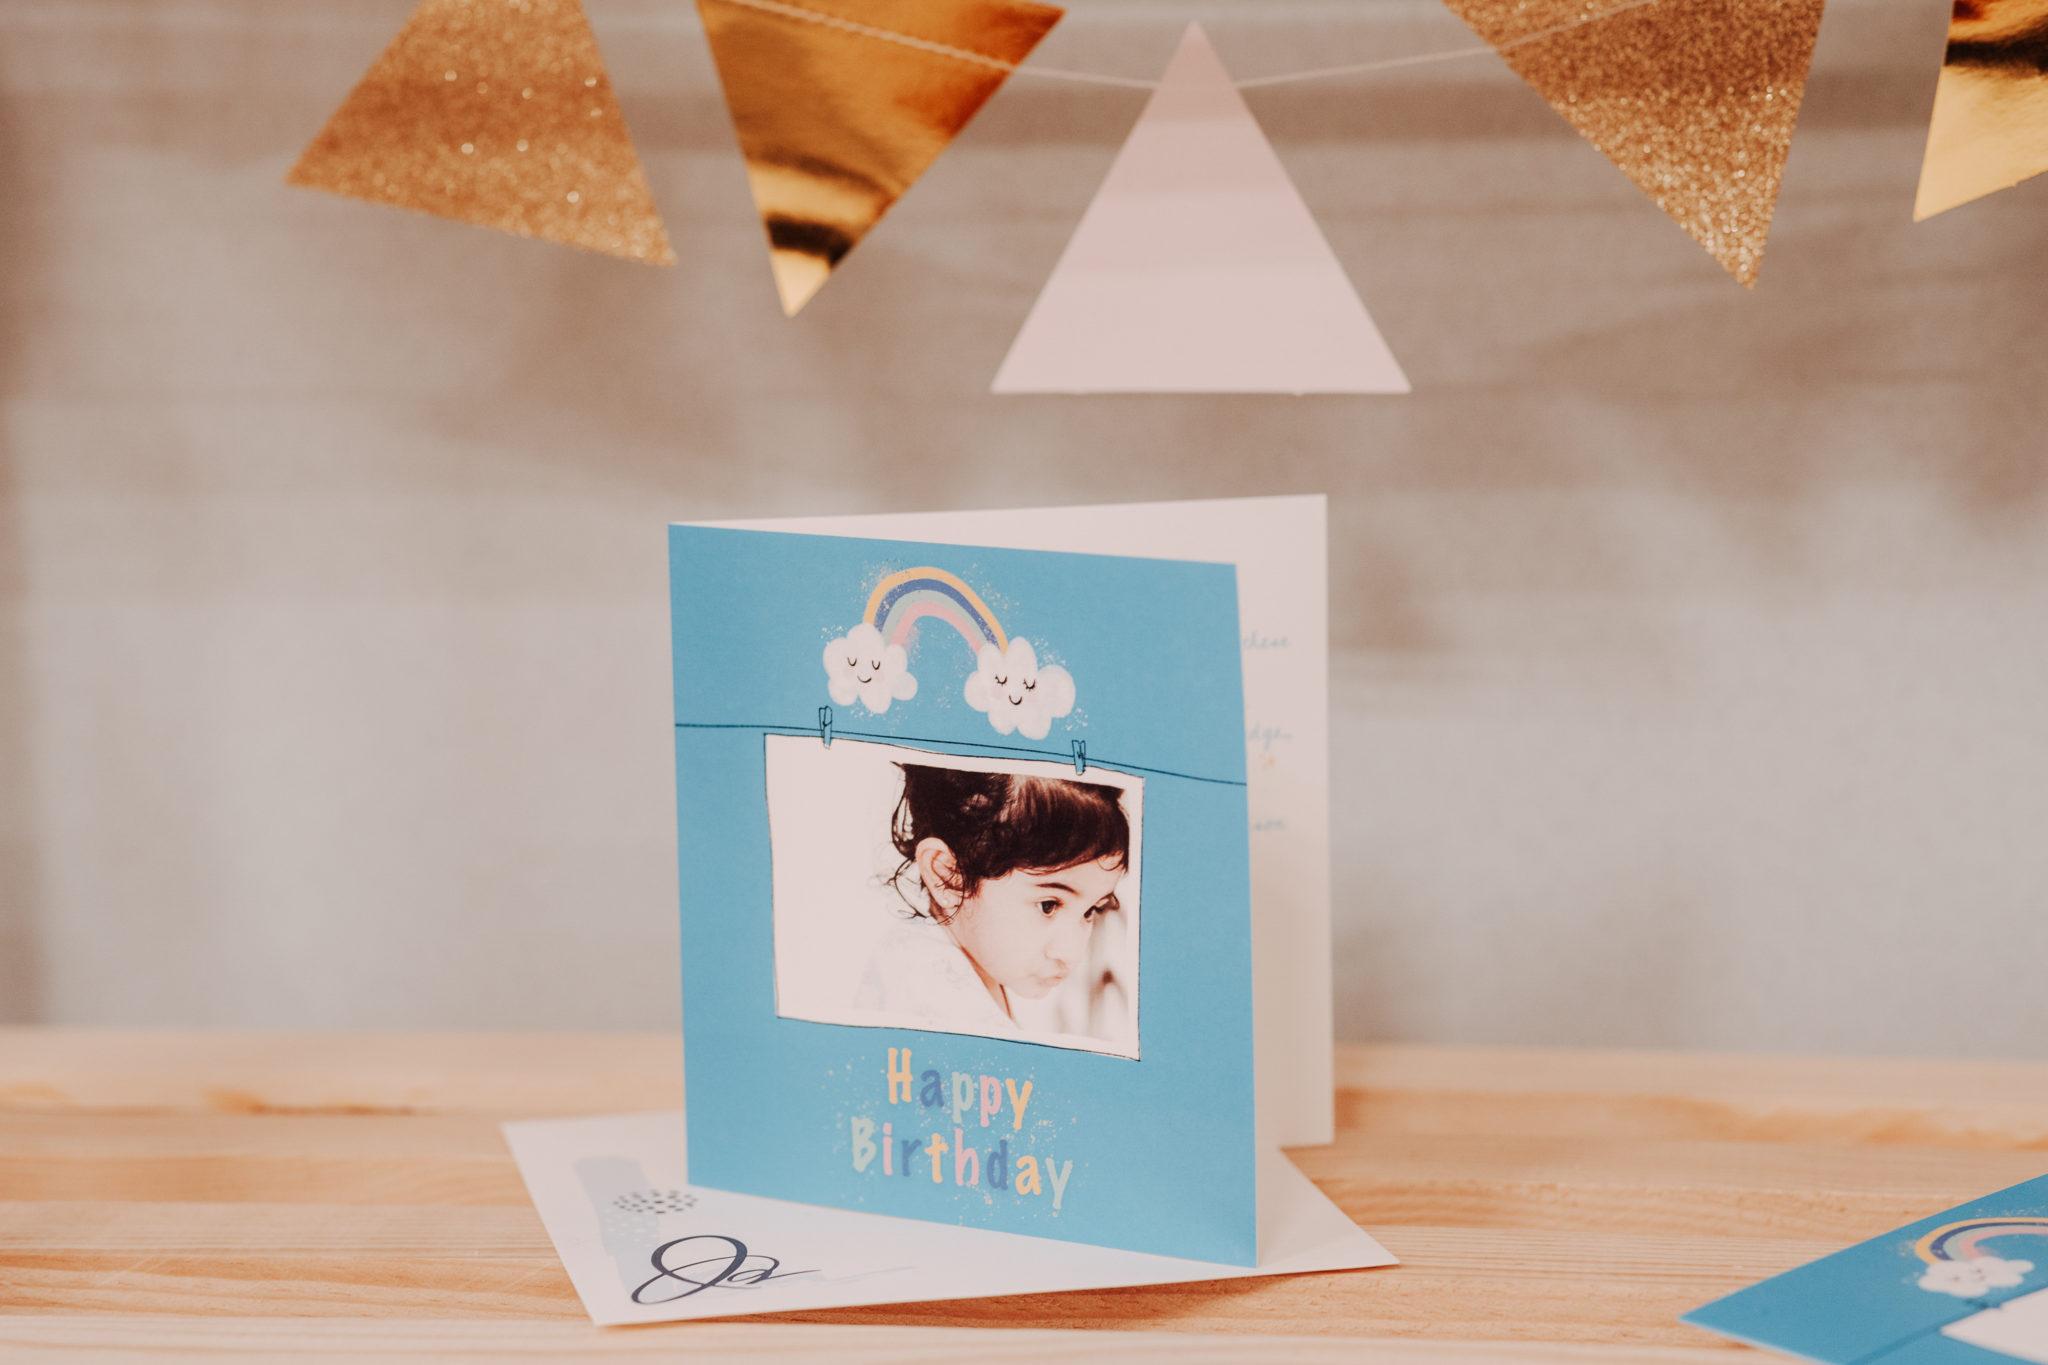 carte anniversaire enfant bleu ciel avec photo